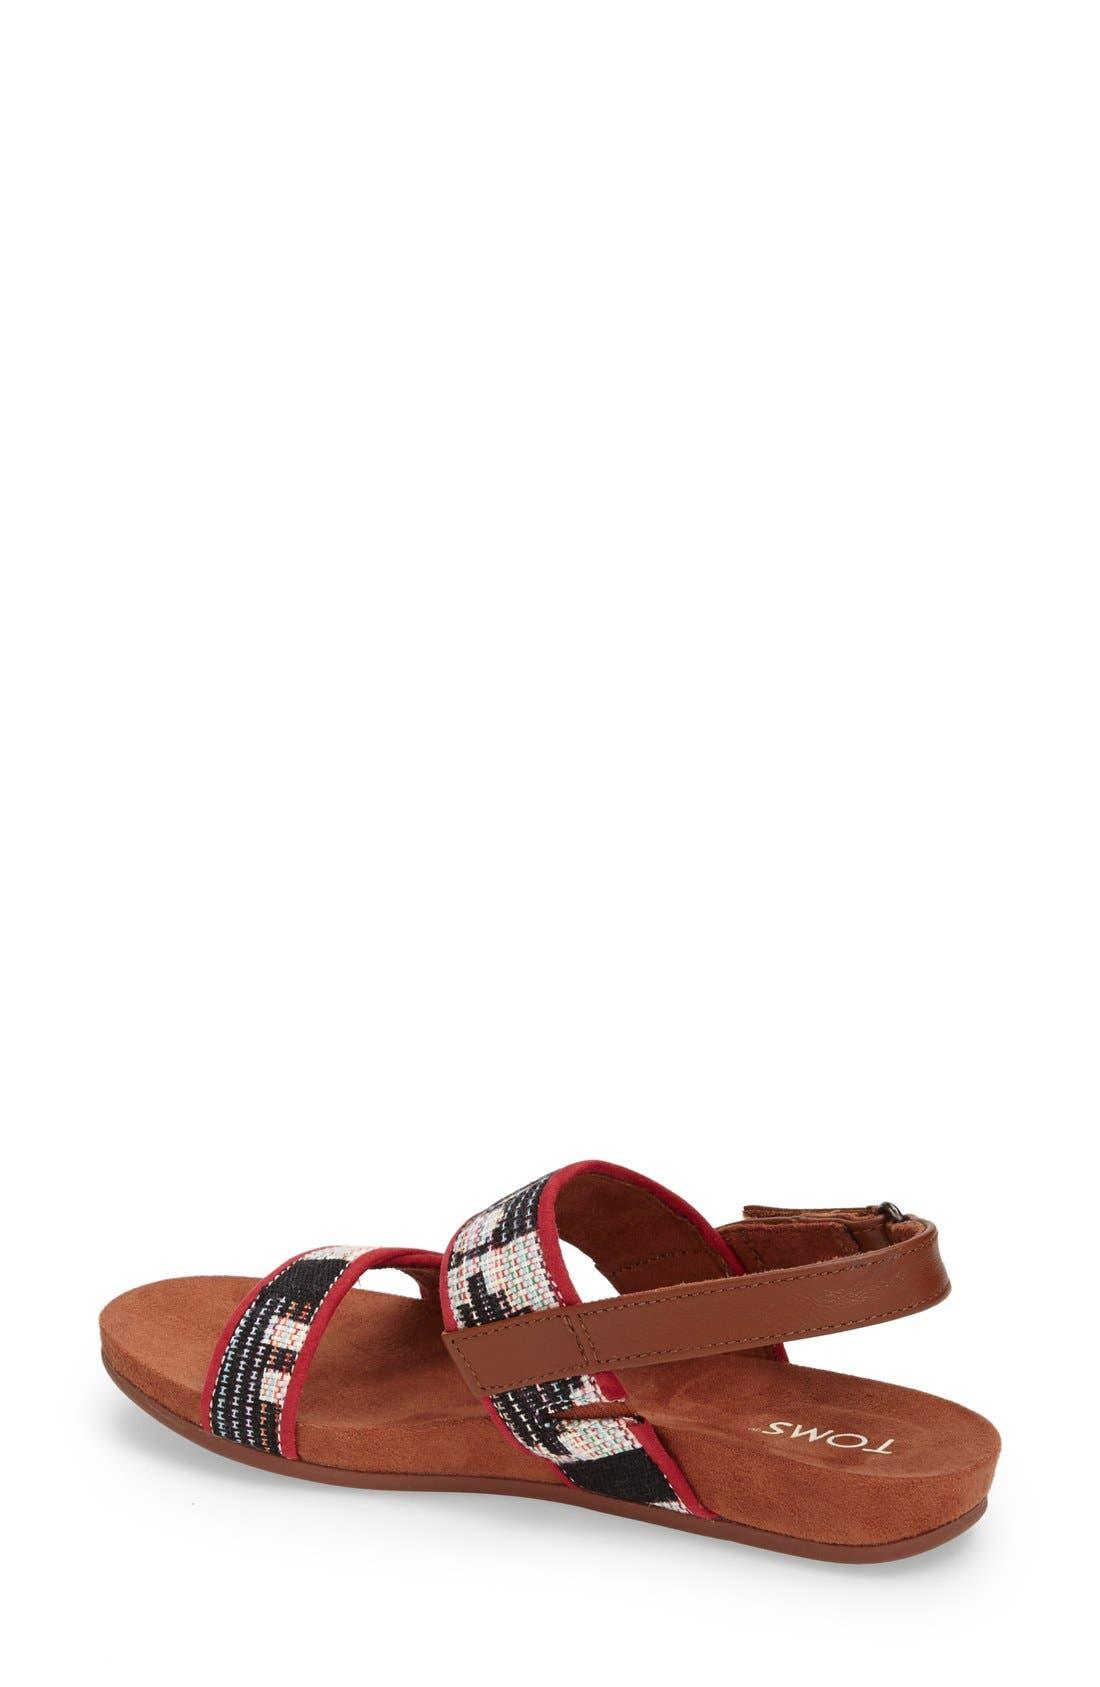 Alternate Image 4  - TOMS 'Tierra' Woven Sandal (Women)